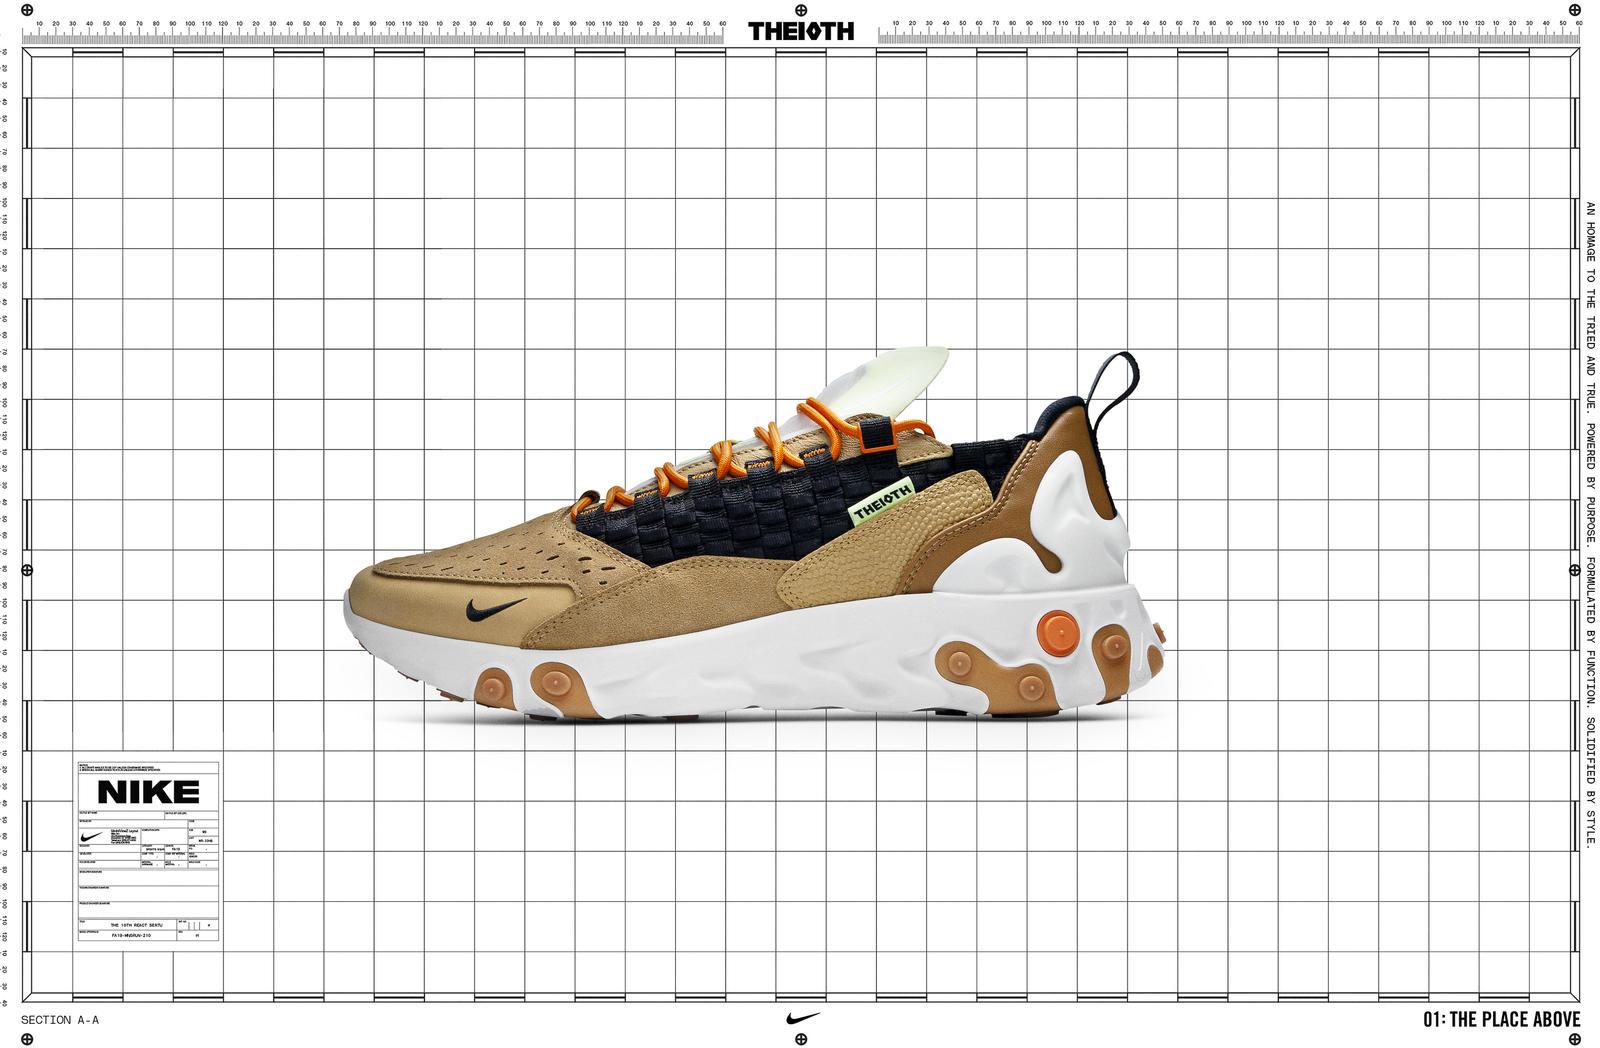 Nike Sporstwear N. 354, THE10TH and DIMSIX Footwear 1